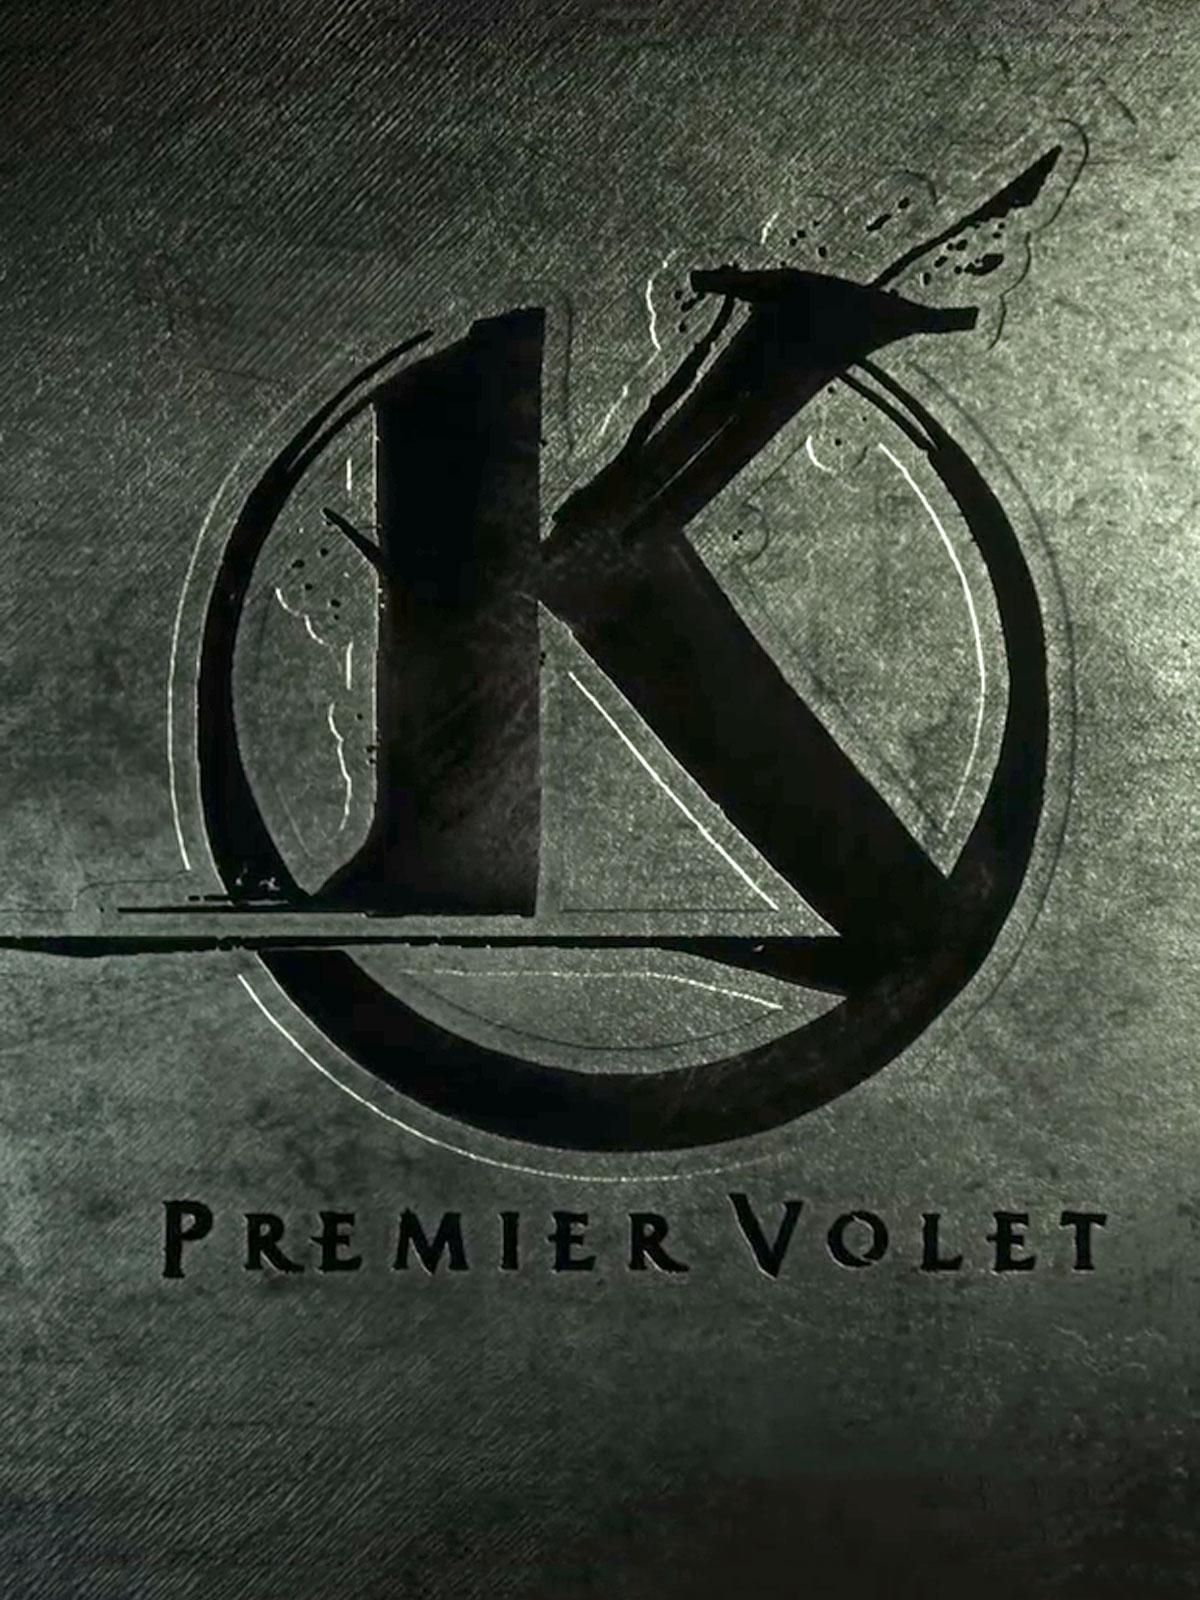 Камелот - Часть первая / Kaamelott - Premier volet